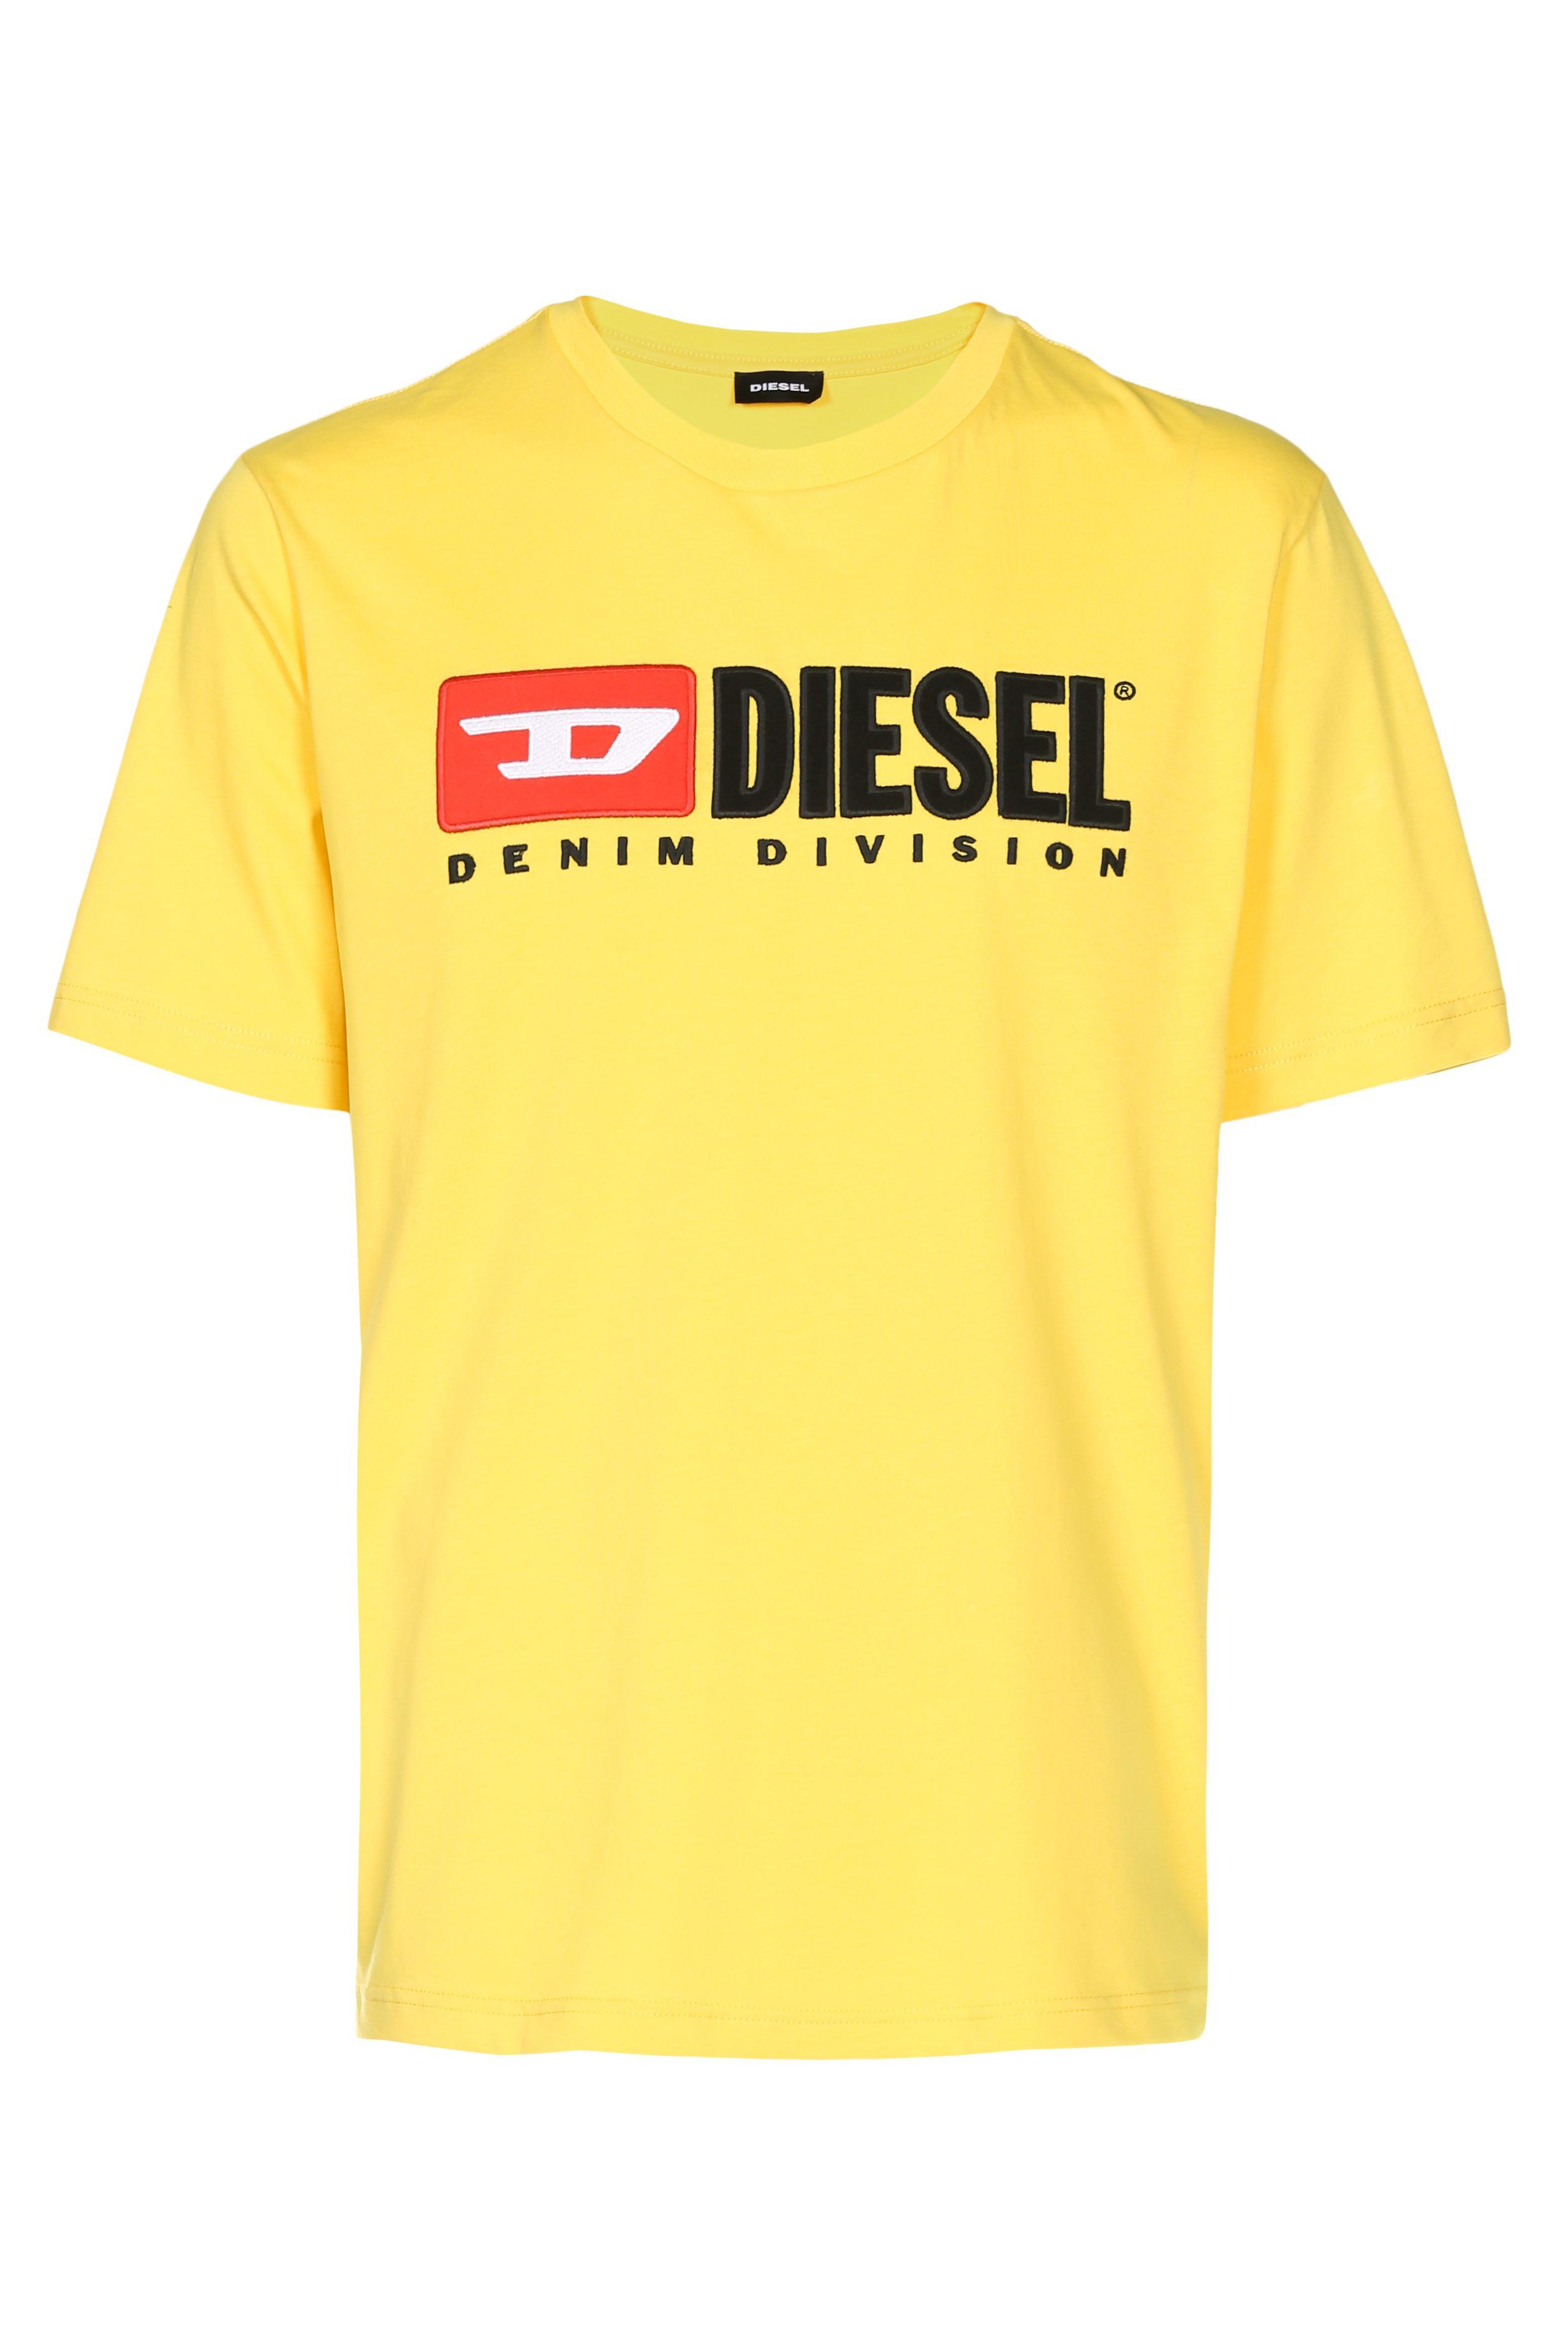 Muška majica Diesel (bijela / žuta boja)